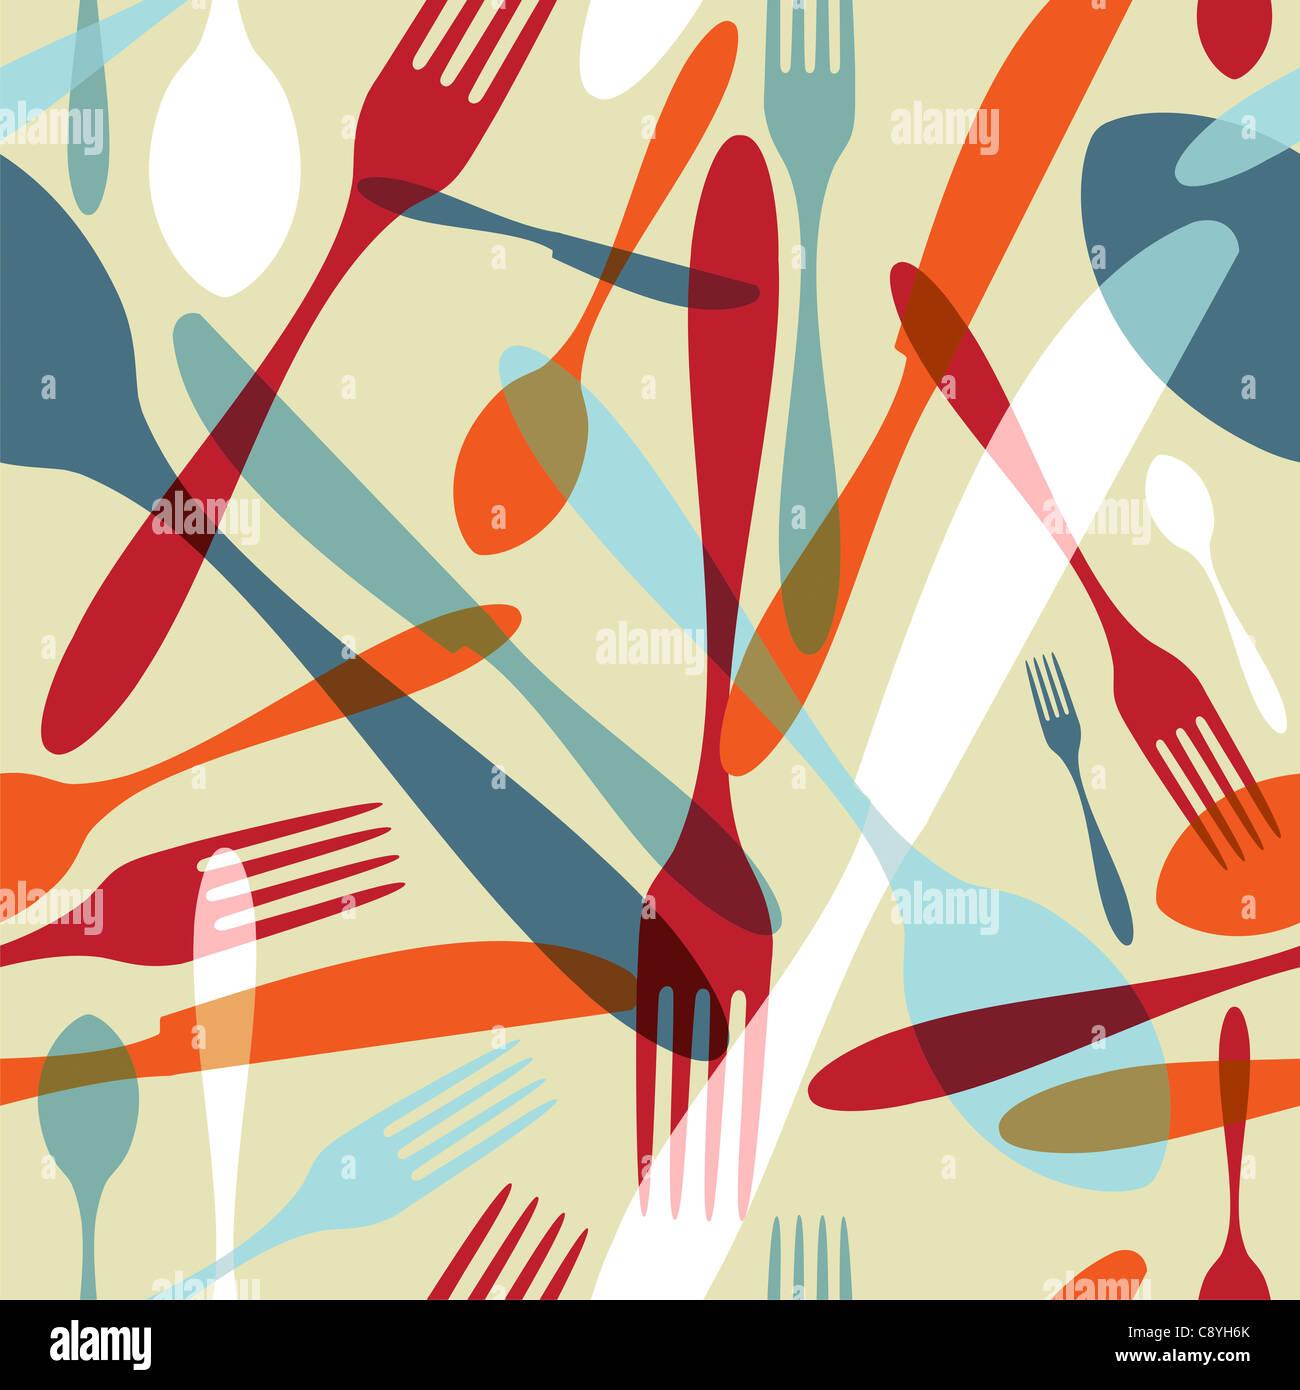 Transparenz Besteck Symbole Musterdesign Hintergrund. Gabel, Messer und Löffel Silhouetten auf verschiedene Stockbild